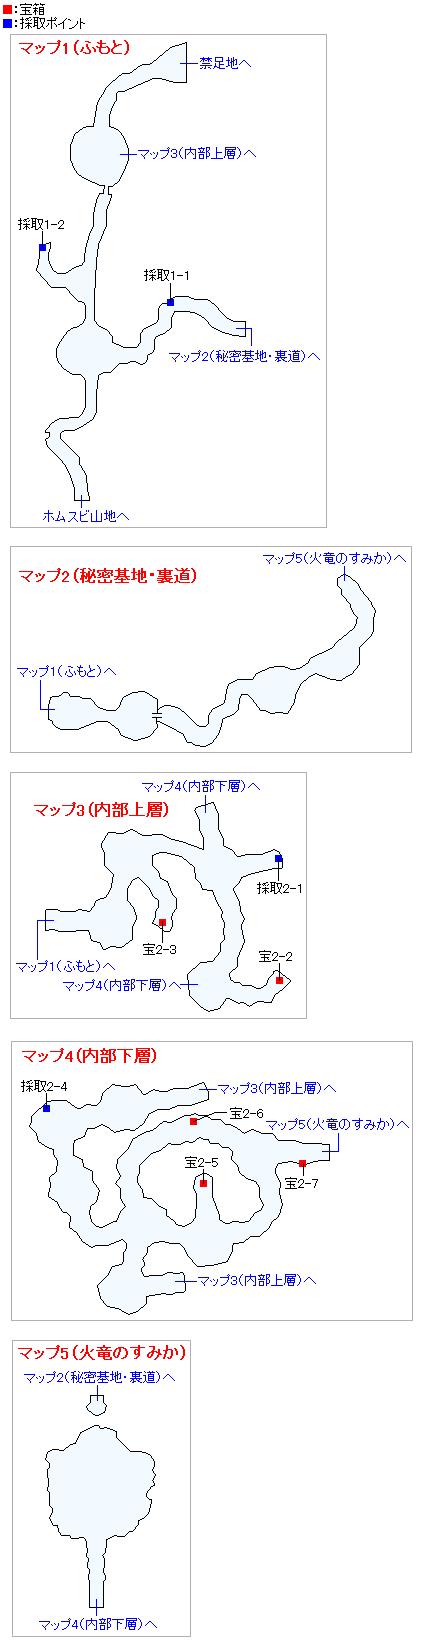 ヒノノギ火山(3DS・3Dモード)のマップ画像